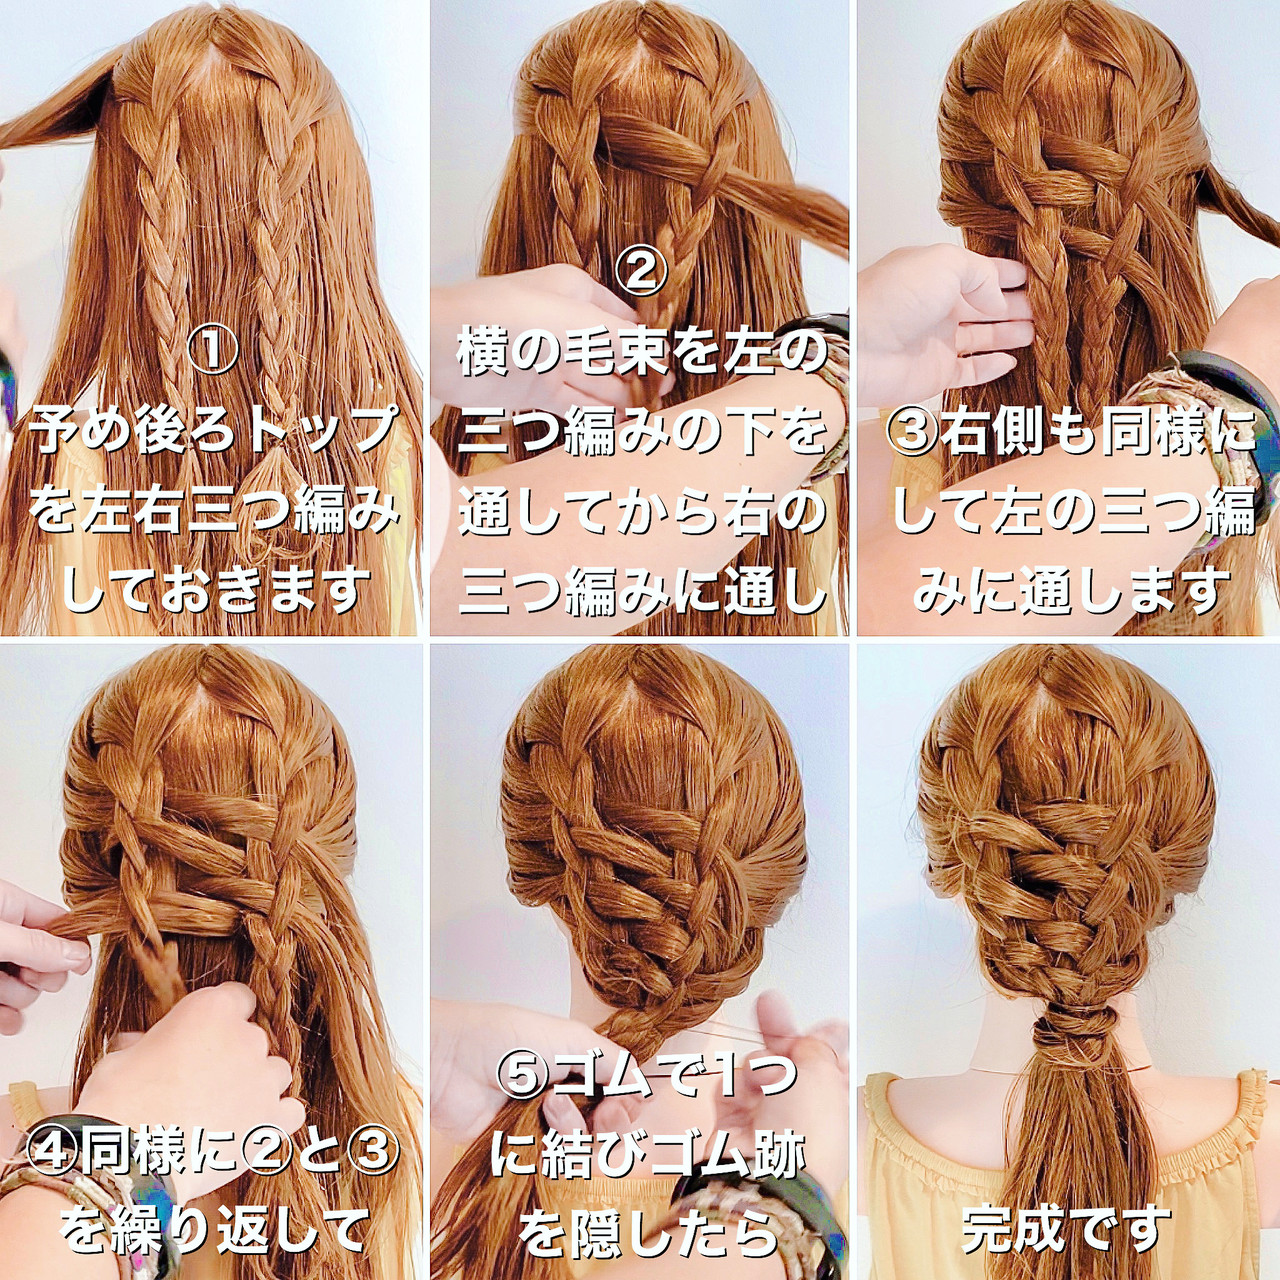 ダウンスタイル 三つ編み ヘアセット セルフヘアアレンジ ヘアスタイルや髪型の写真・画像 | 美容師HIRO/Amoute代表 / Amoute/アムティ